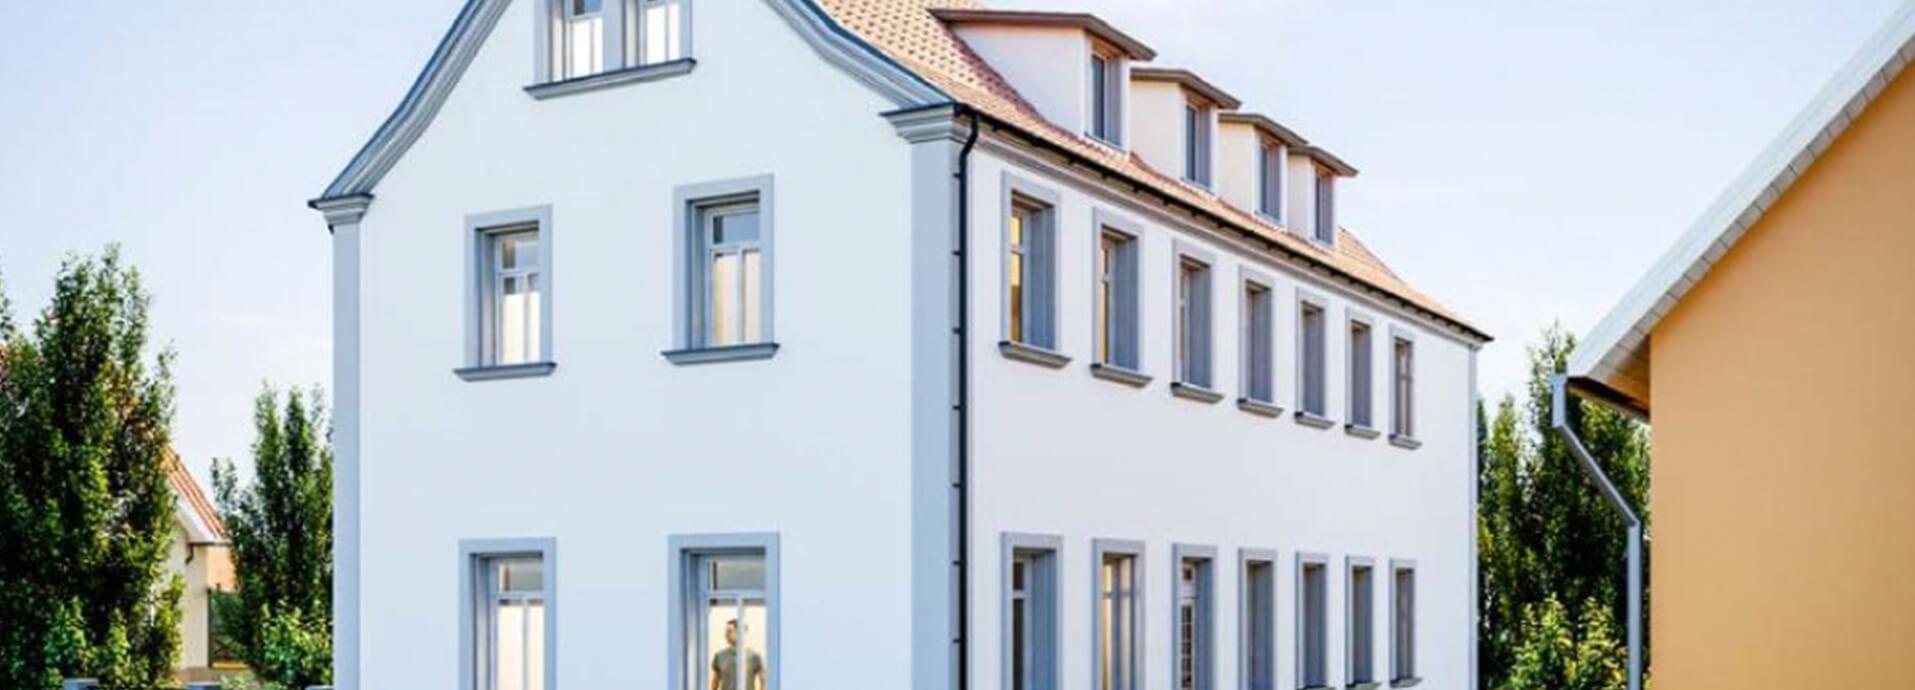 buerkert_immobilien_slider_roth-nuernberg_2